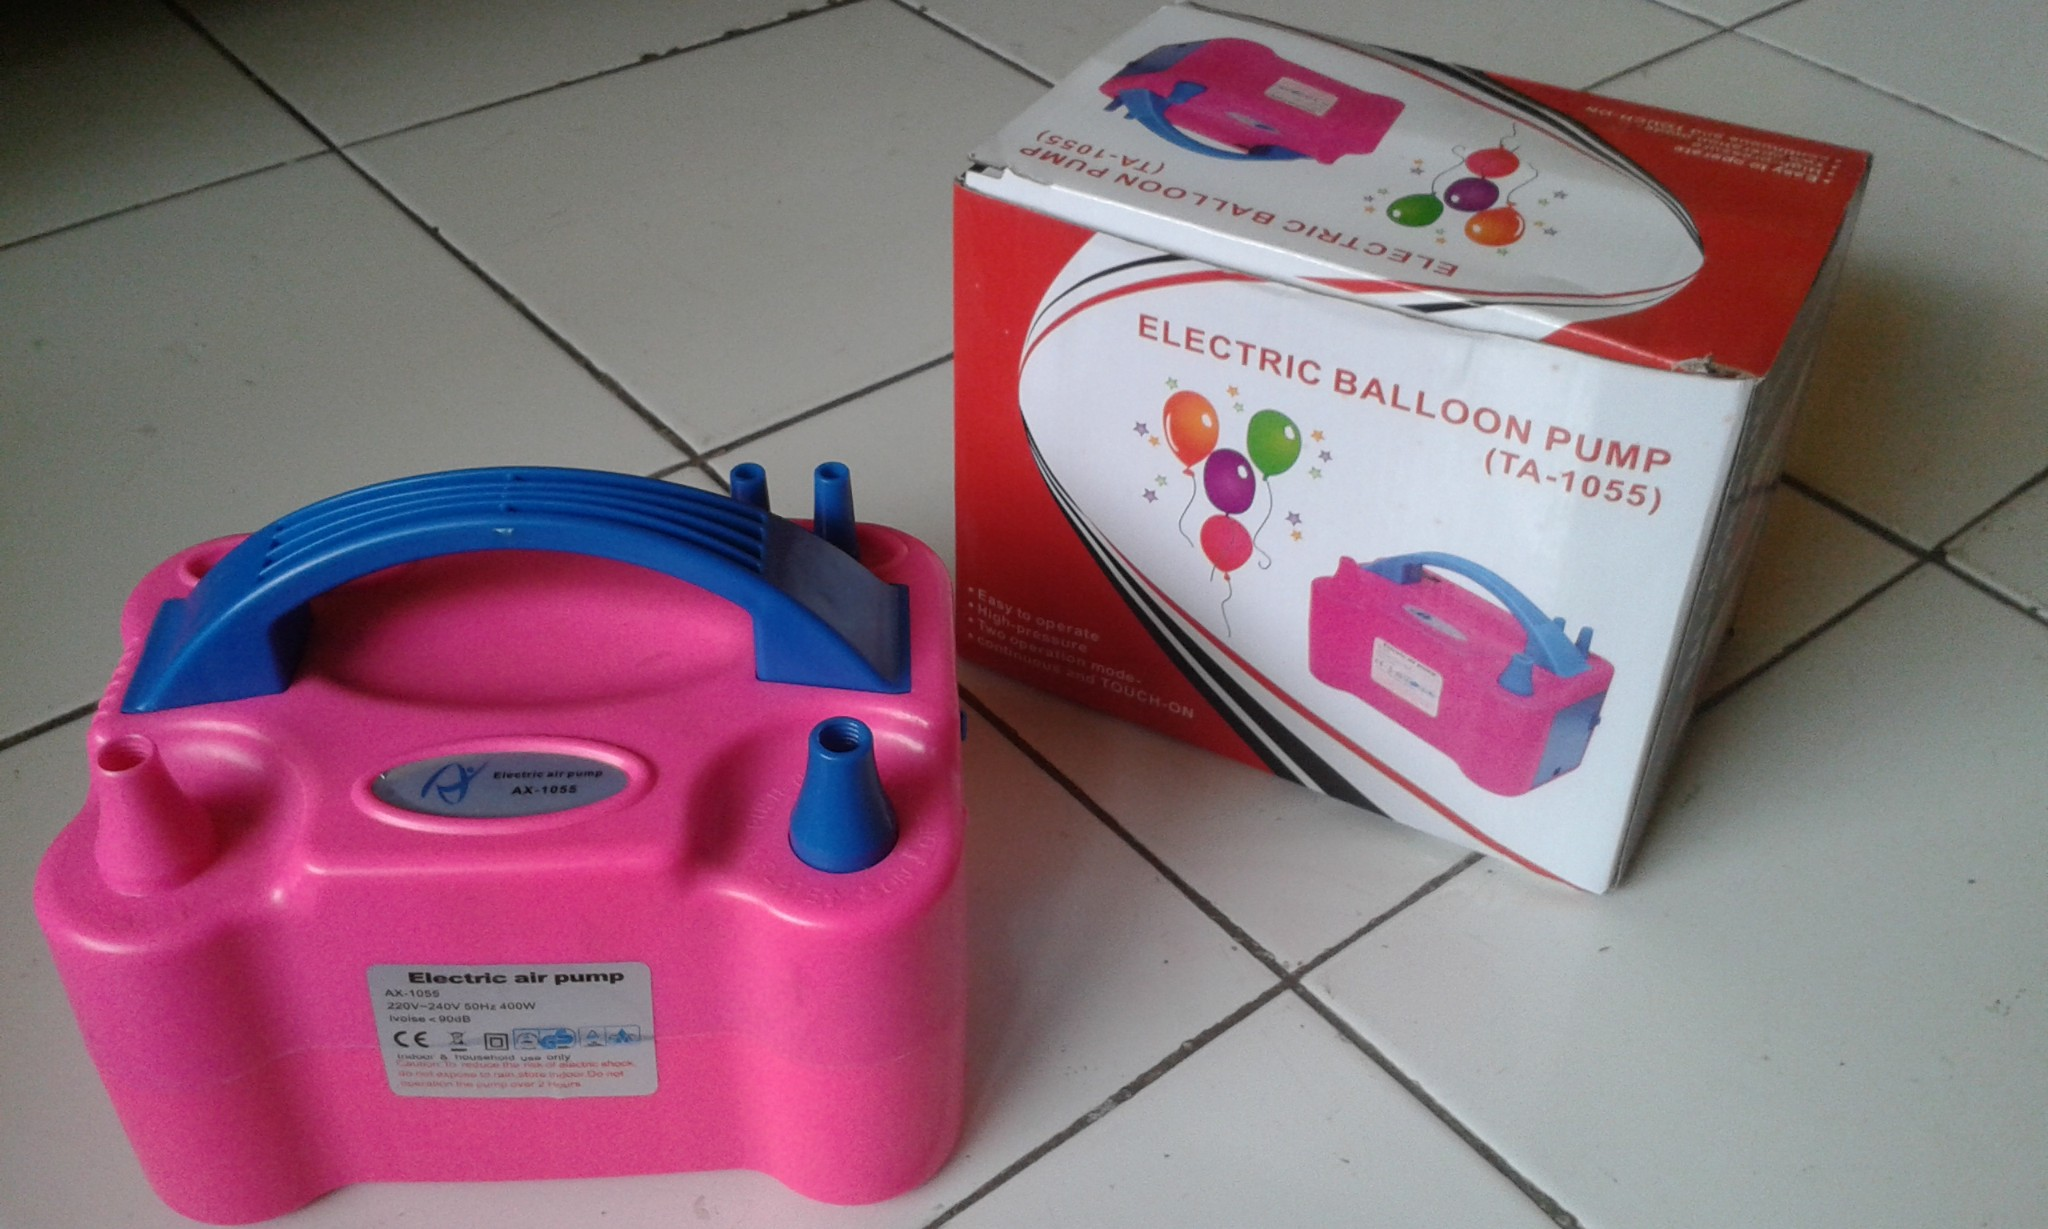 Jual Pompa Balon Elektrik Al Shop Tokopedia Listrik Electric Balloon Pump